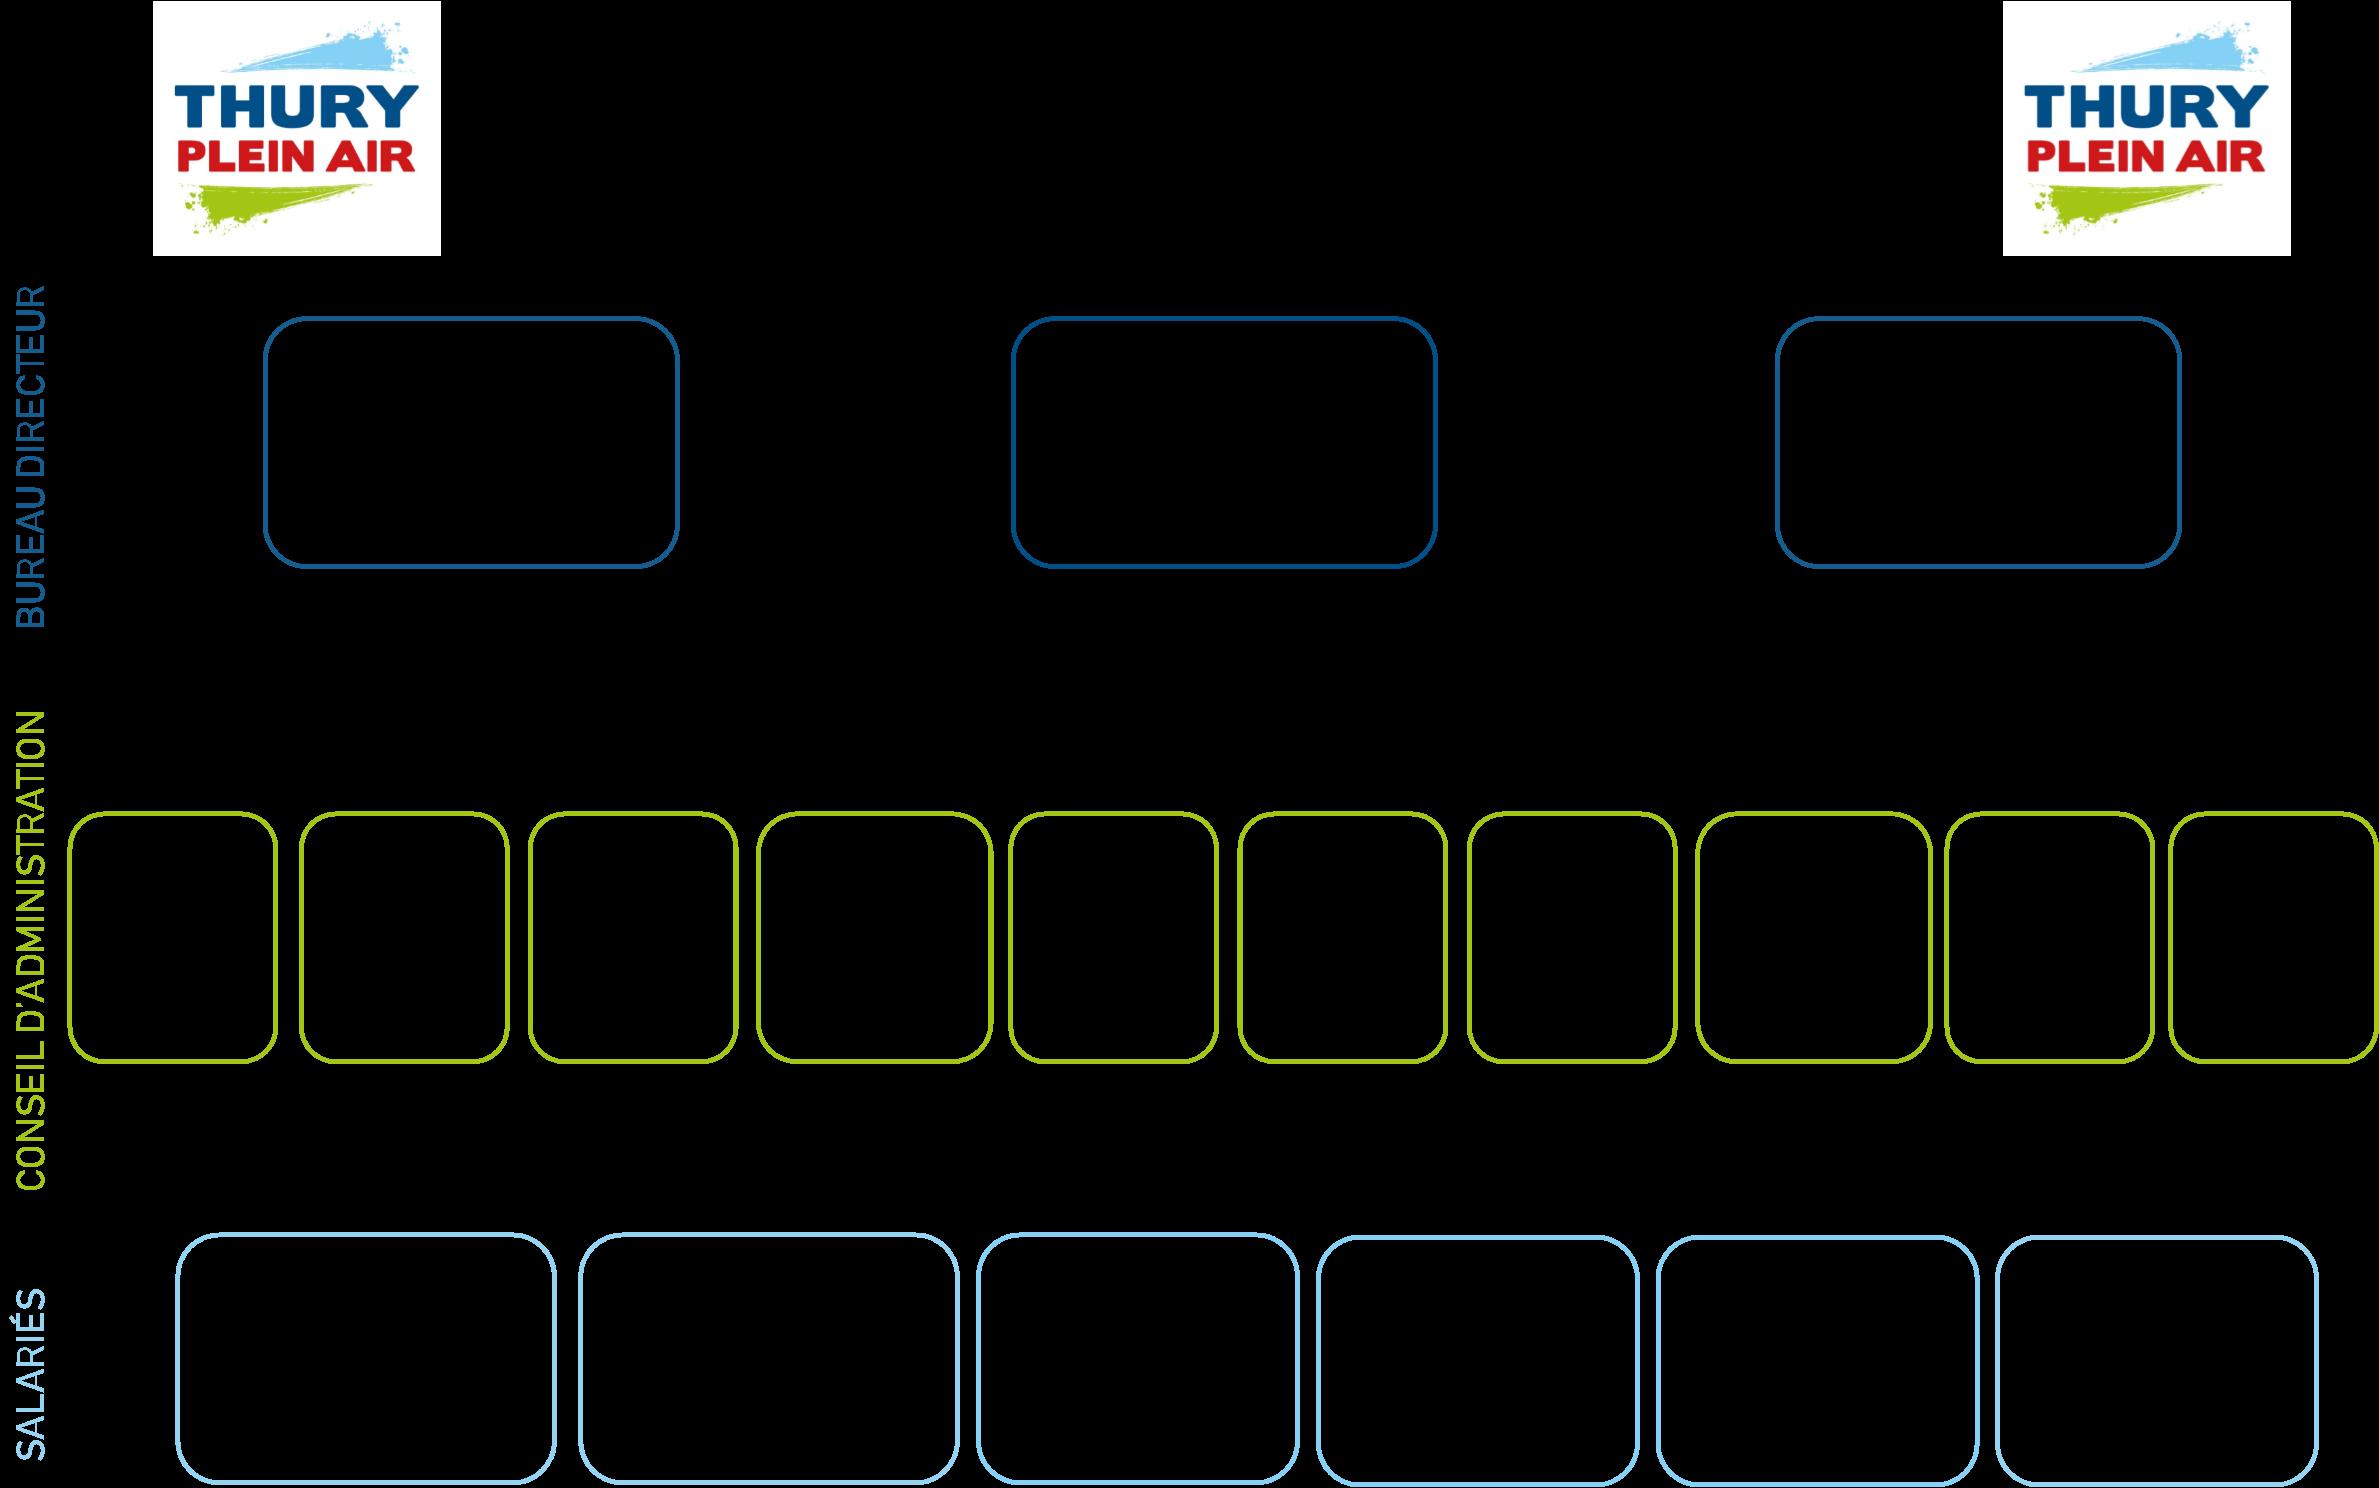 Organigramme Thury Plein Air